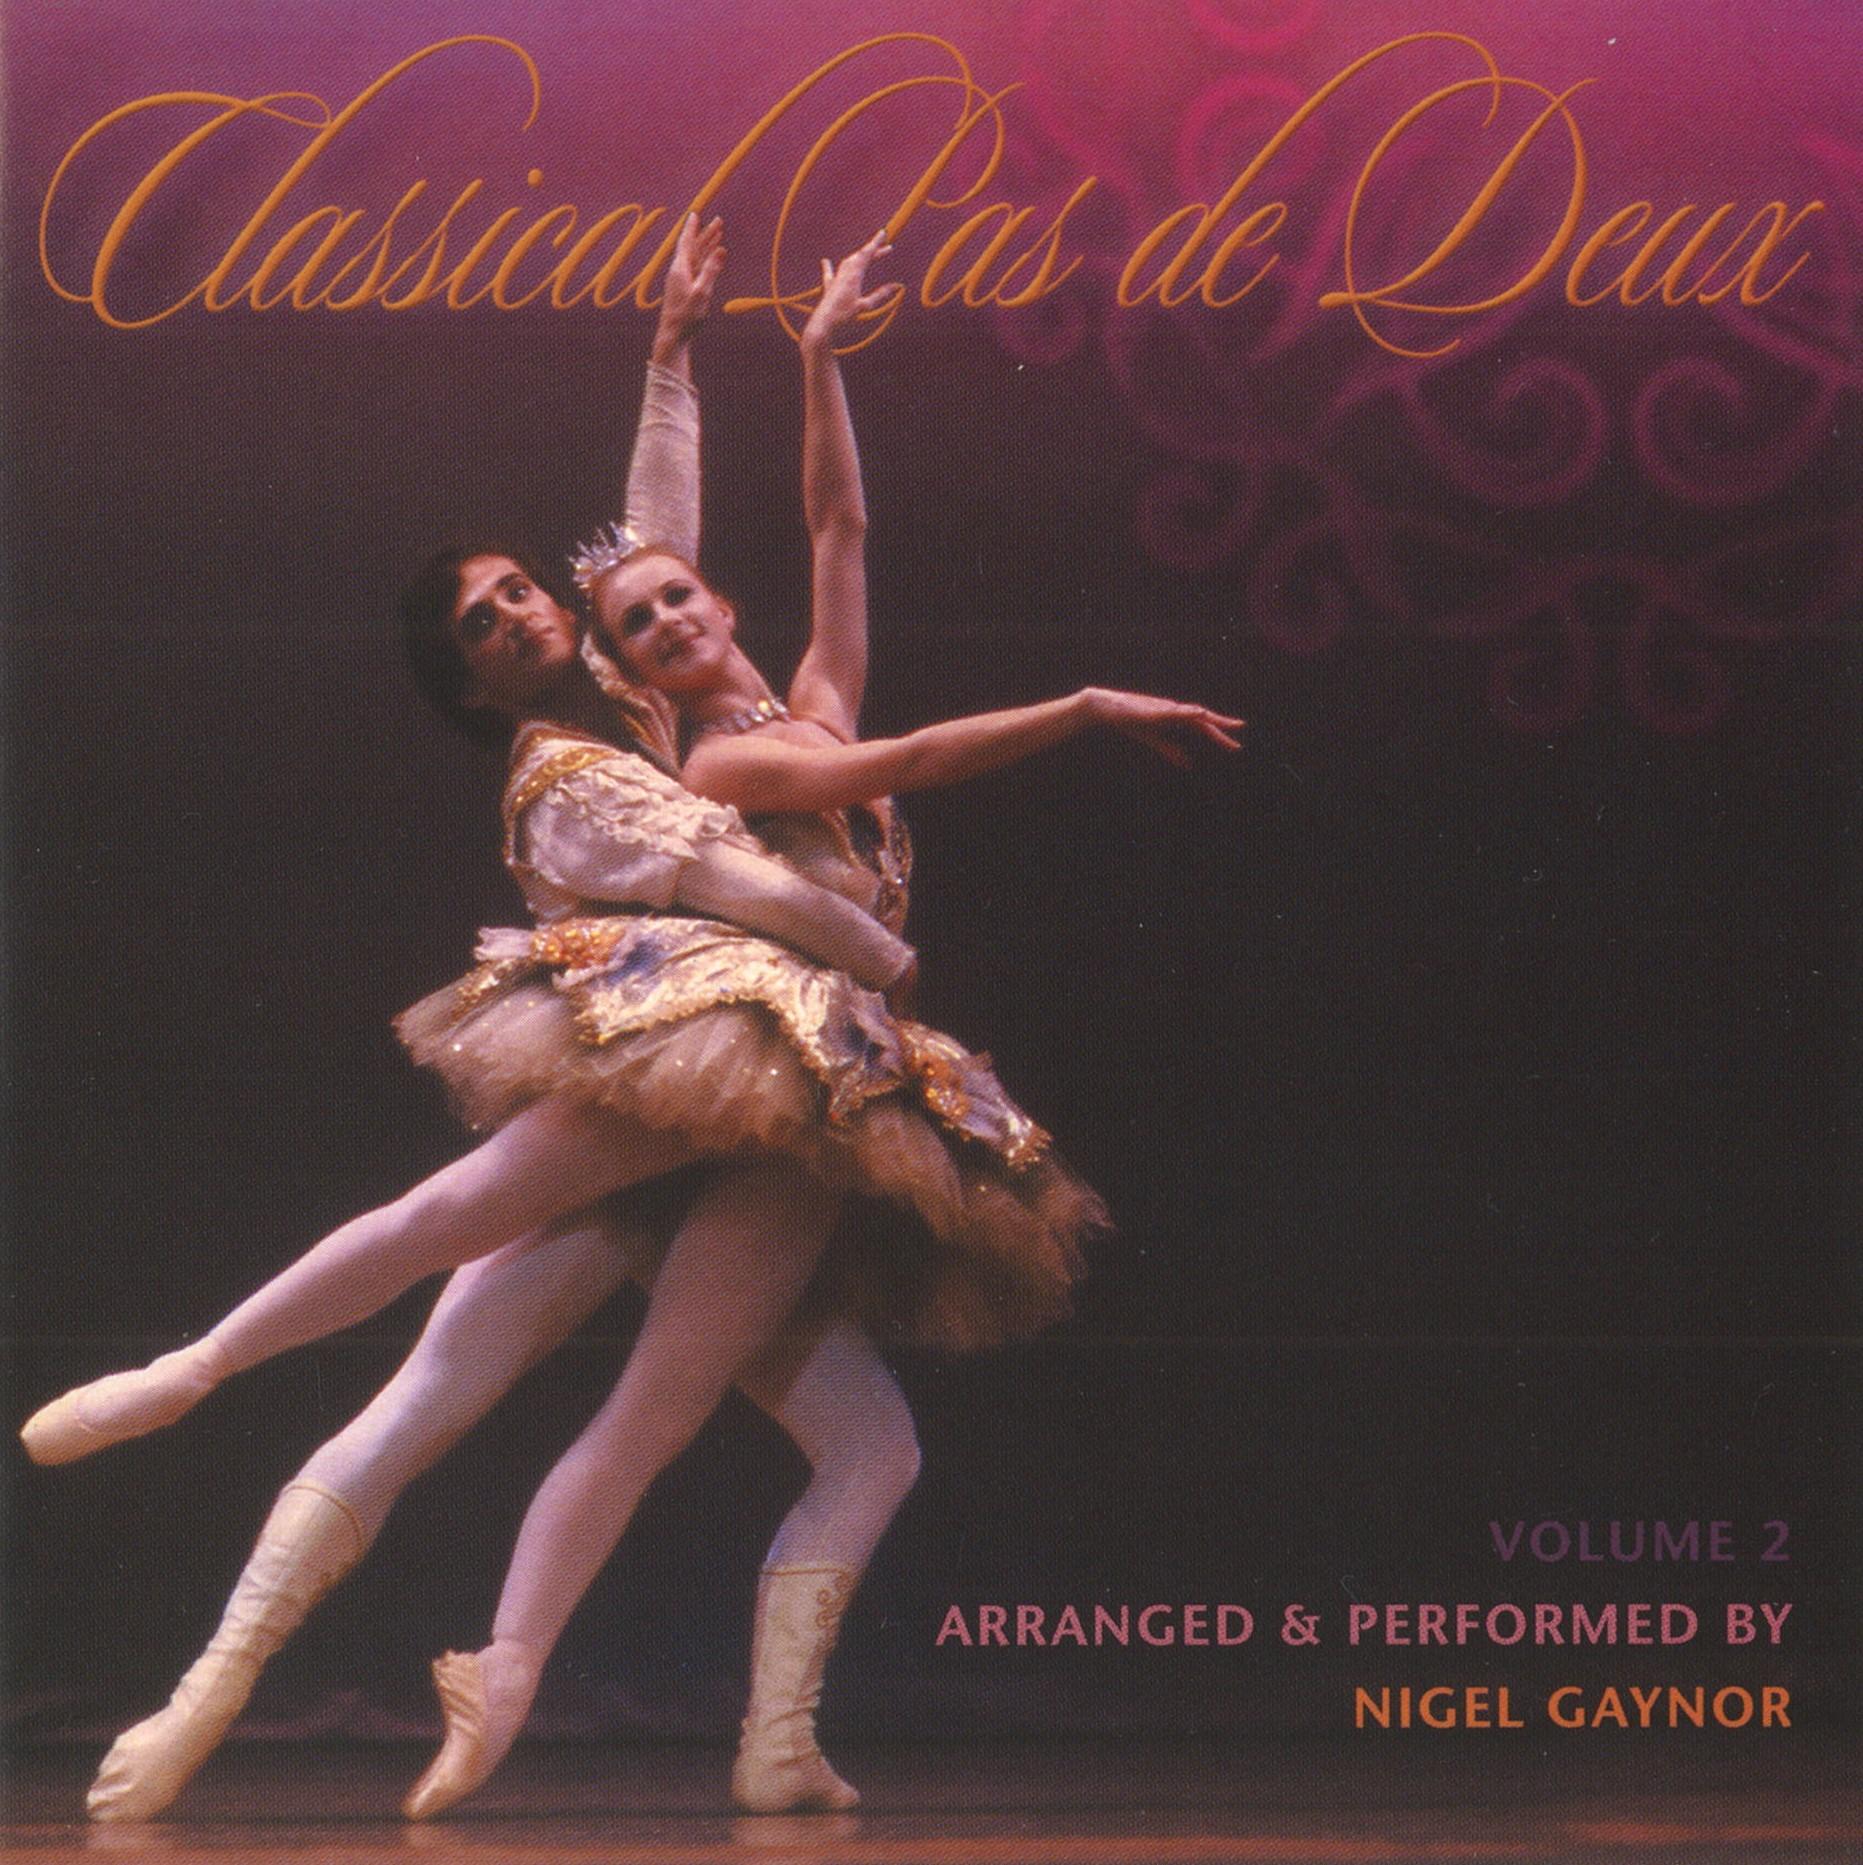 CD Classical Pas de Deux Vol.2 (NG08C)